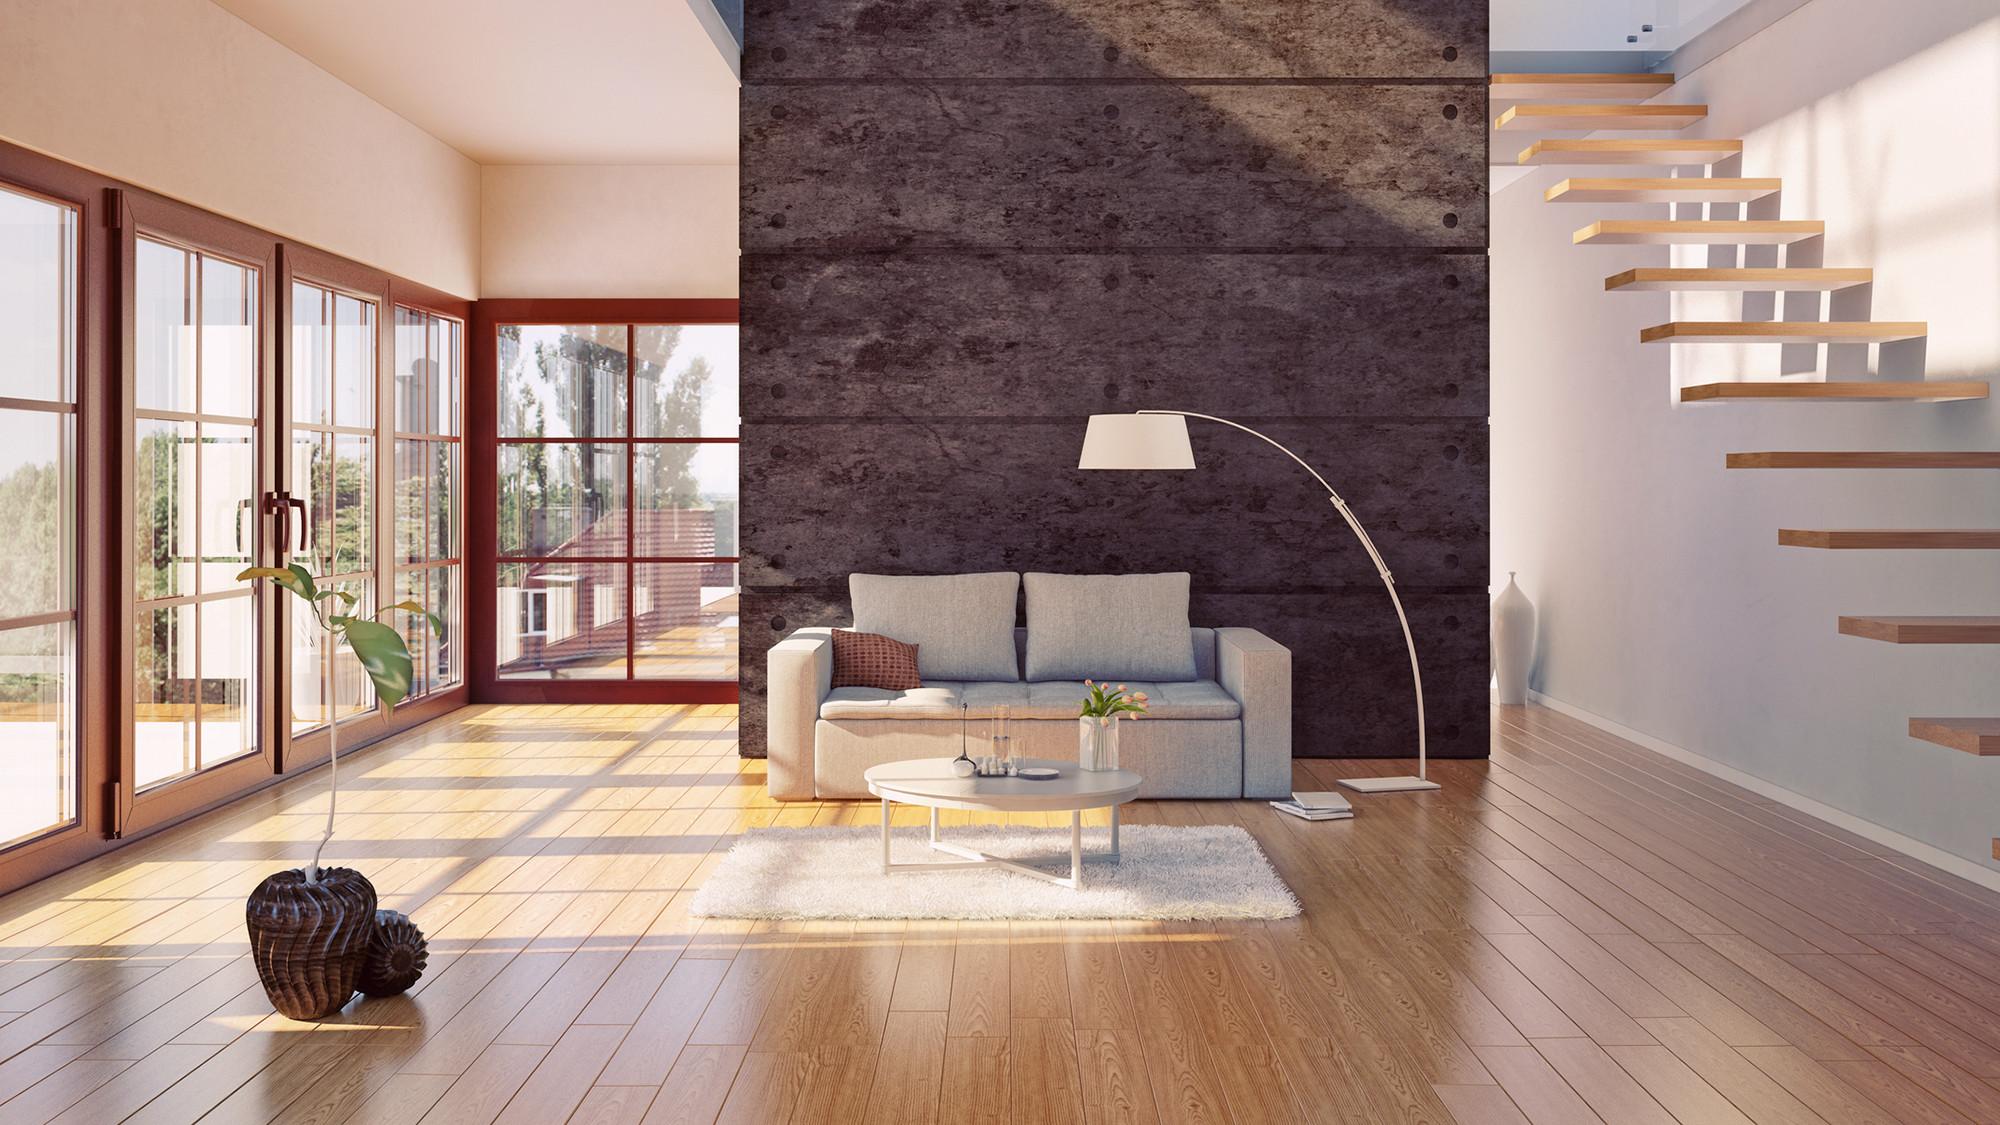 Types Of Polyurethane for Hardwood Floors Of Do Hardwood Floors Provide the Best Return On Investment Realtor Coma Regarding Hardwood Floors Investment